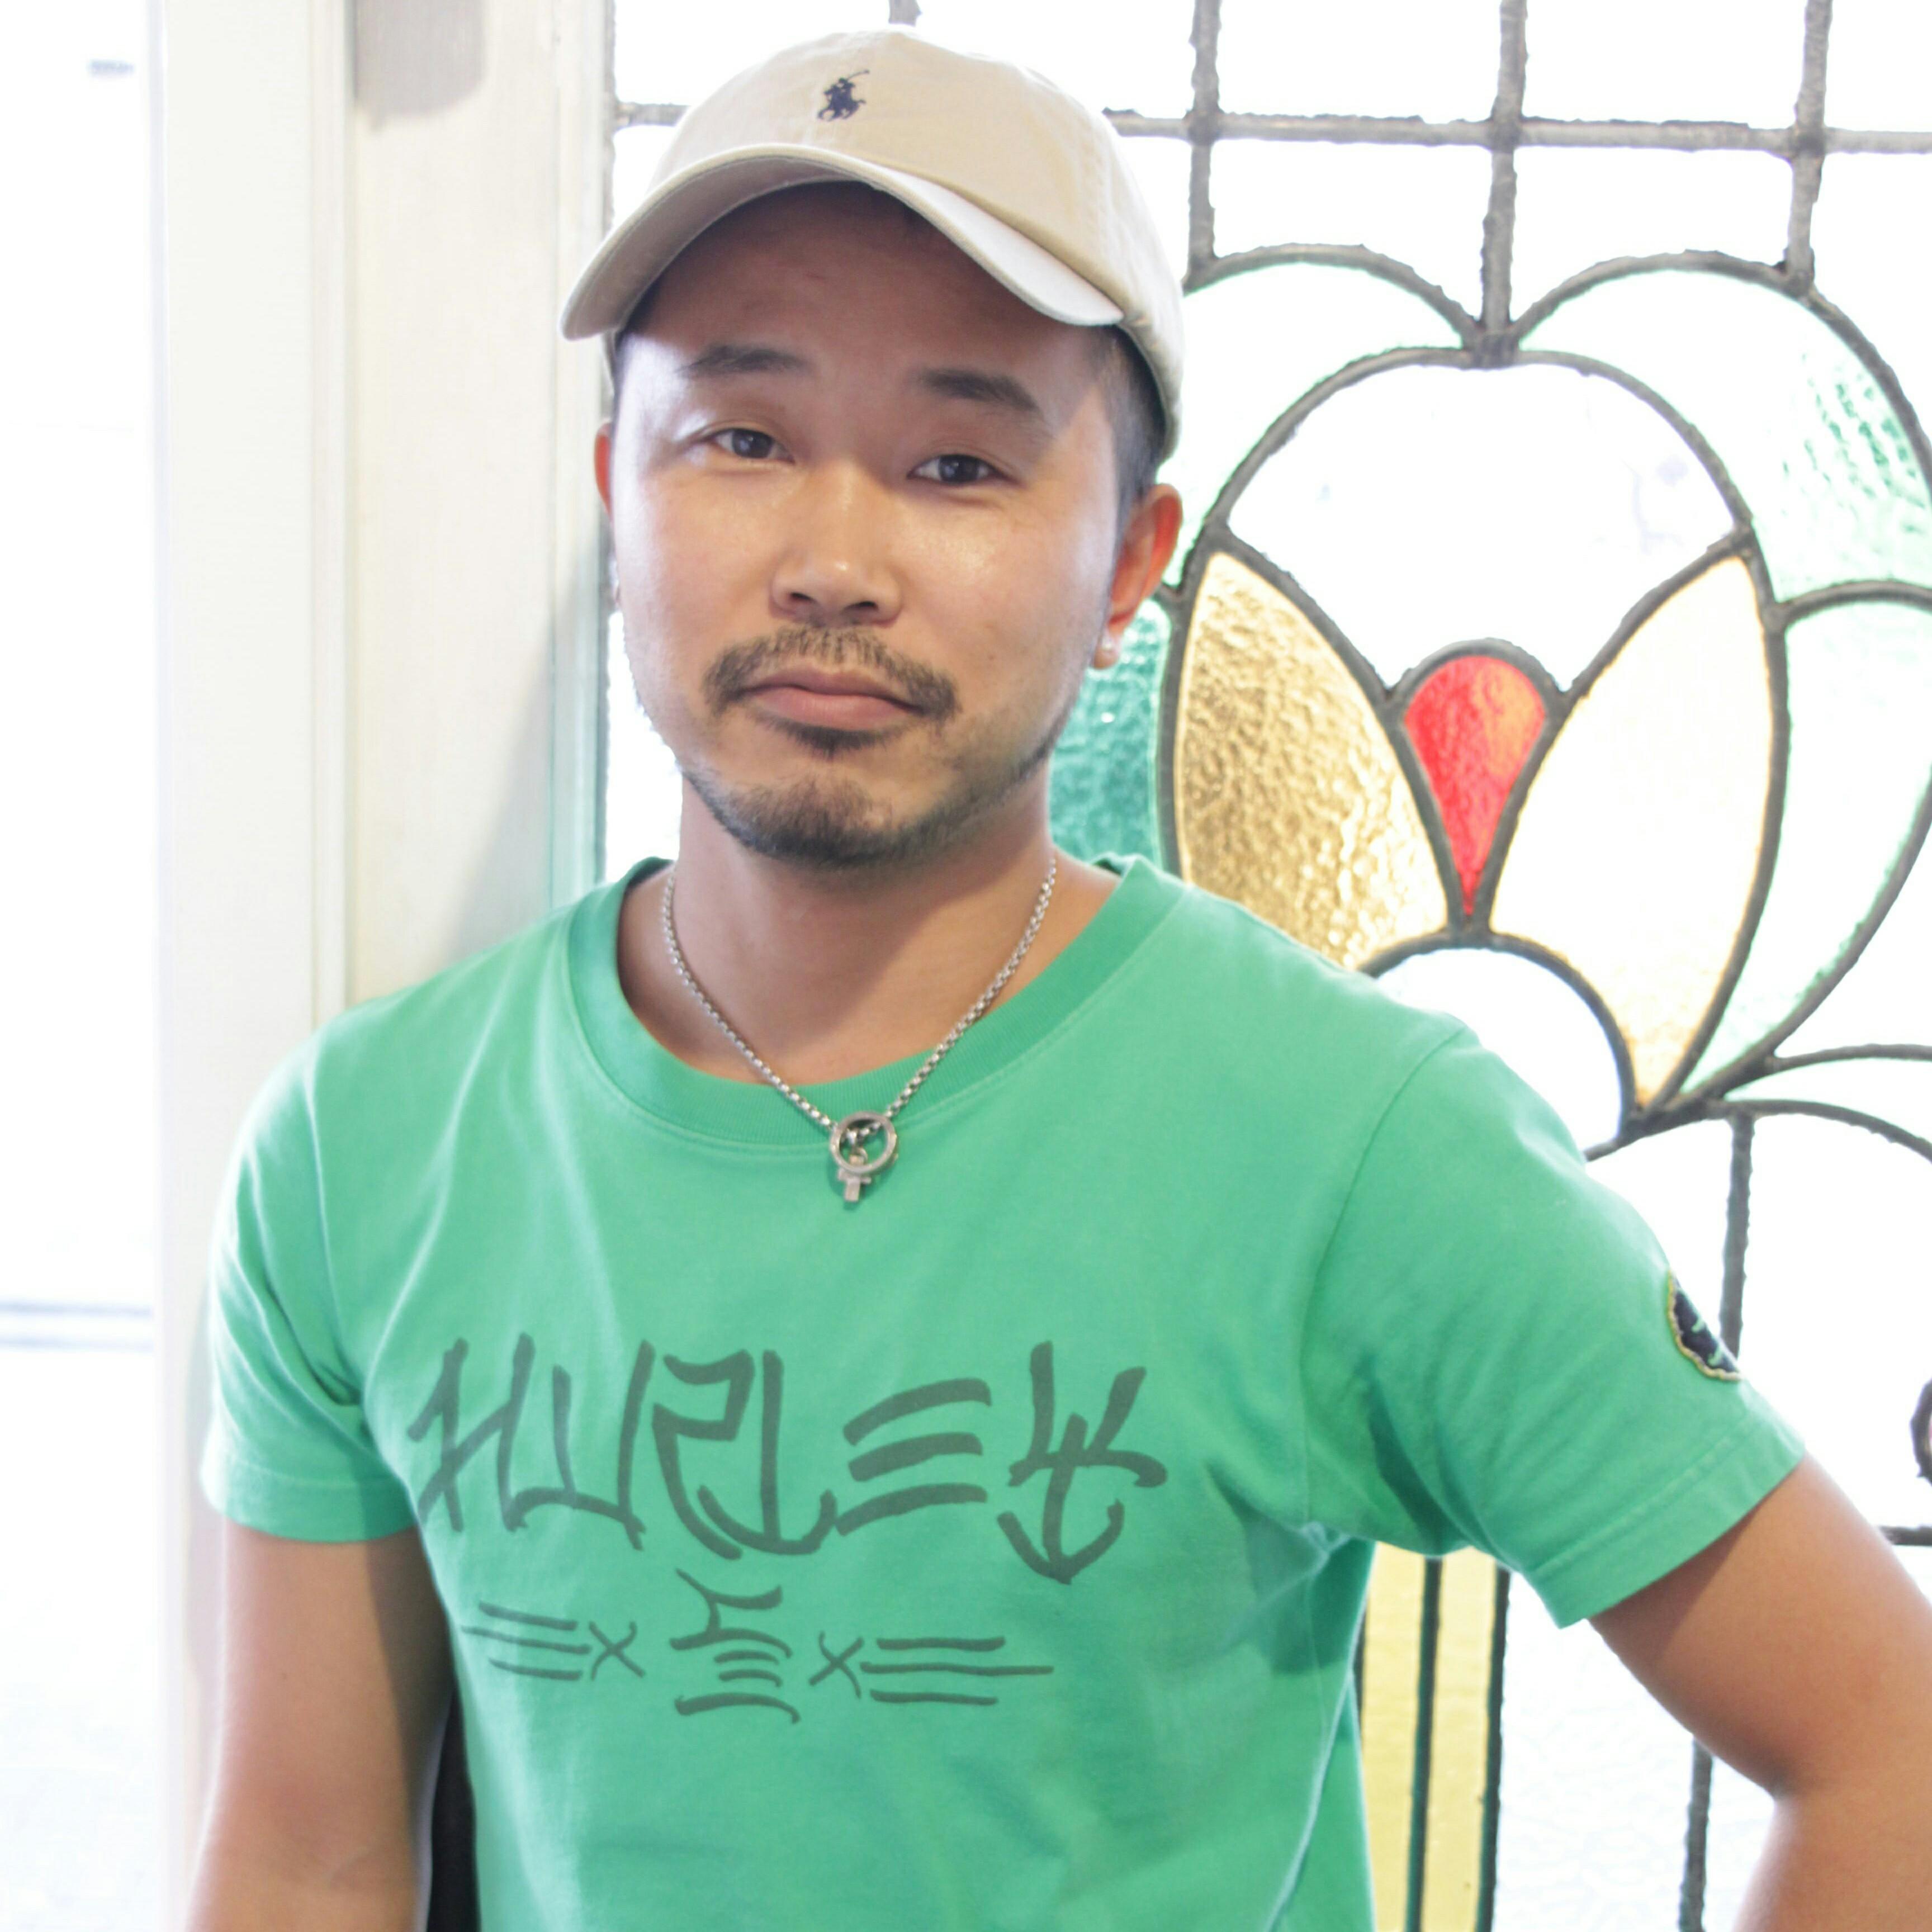 Kazuhiro Taka